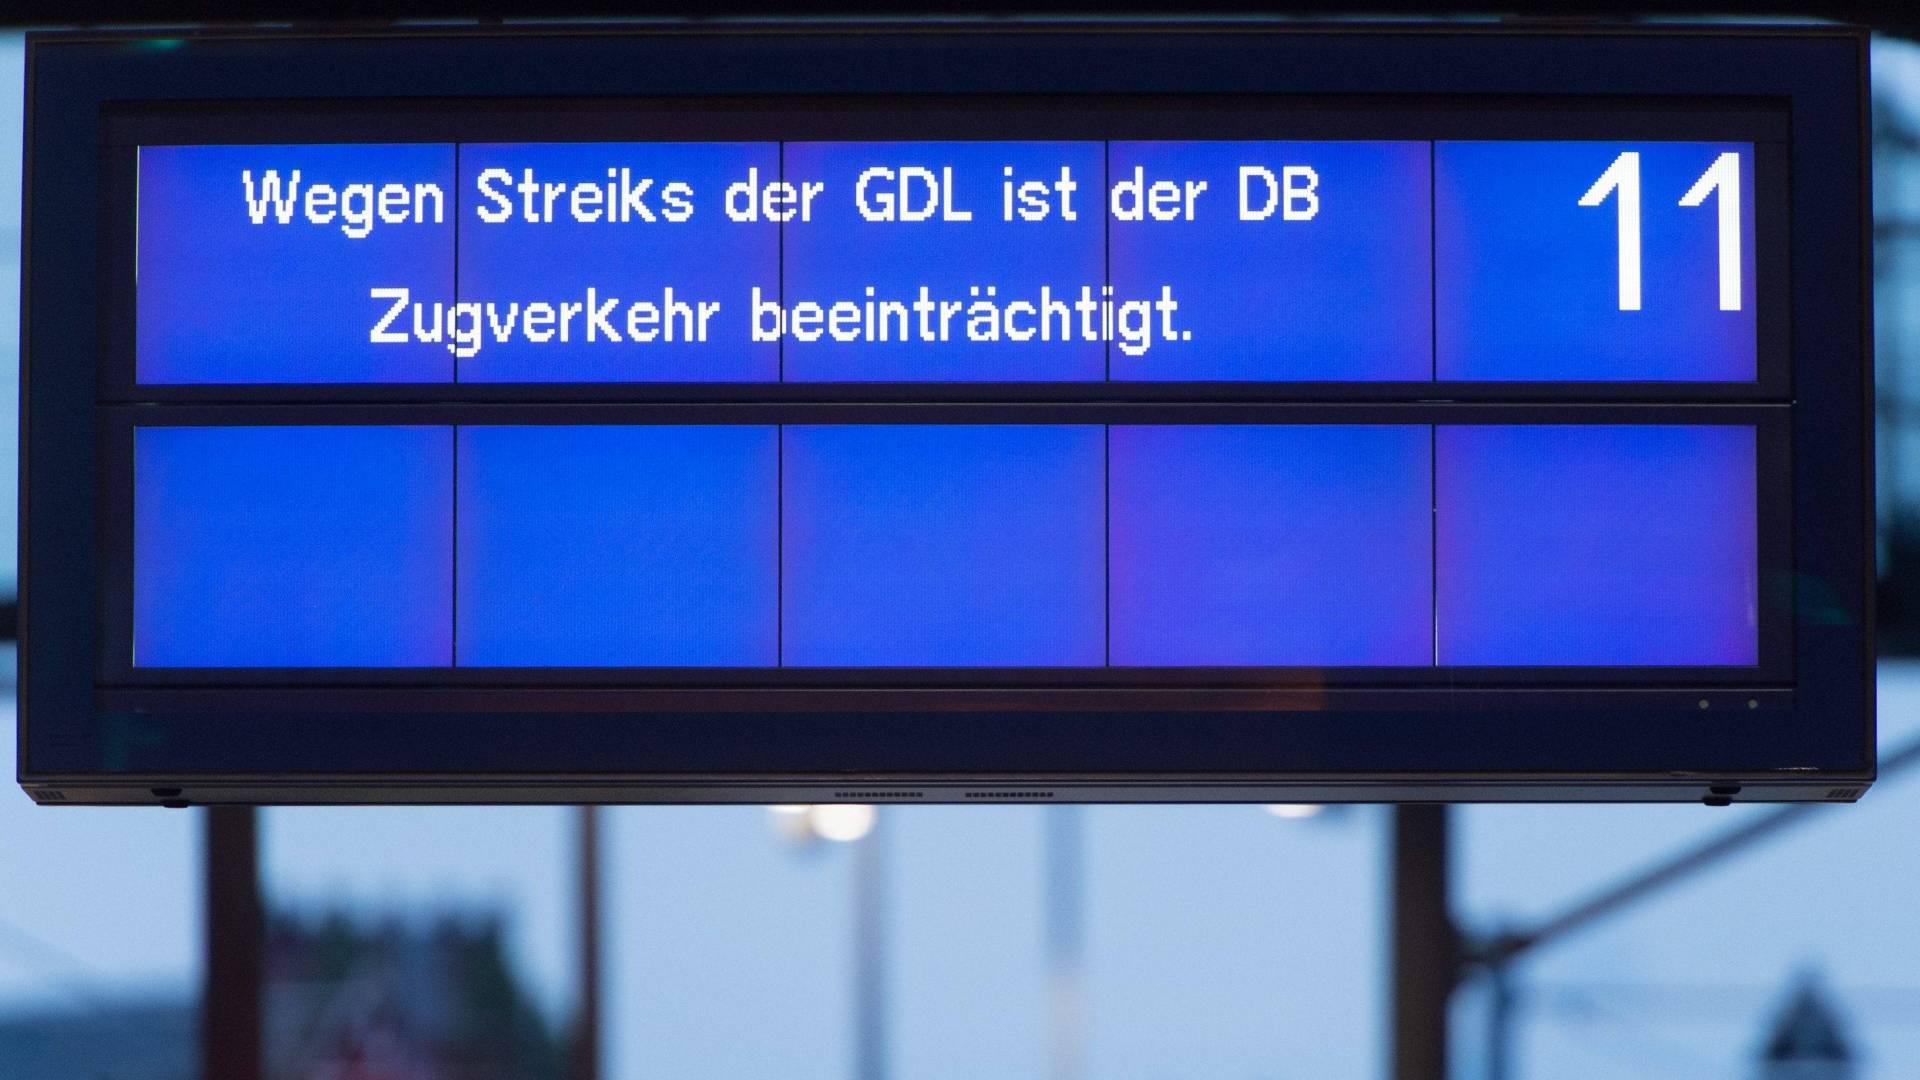 So läuft der GDL-Streik in Berlin an #Bahnstreik http://t.co/gkDNaIzccx